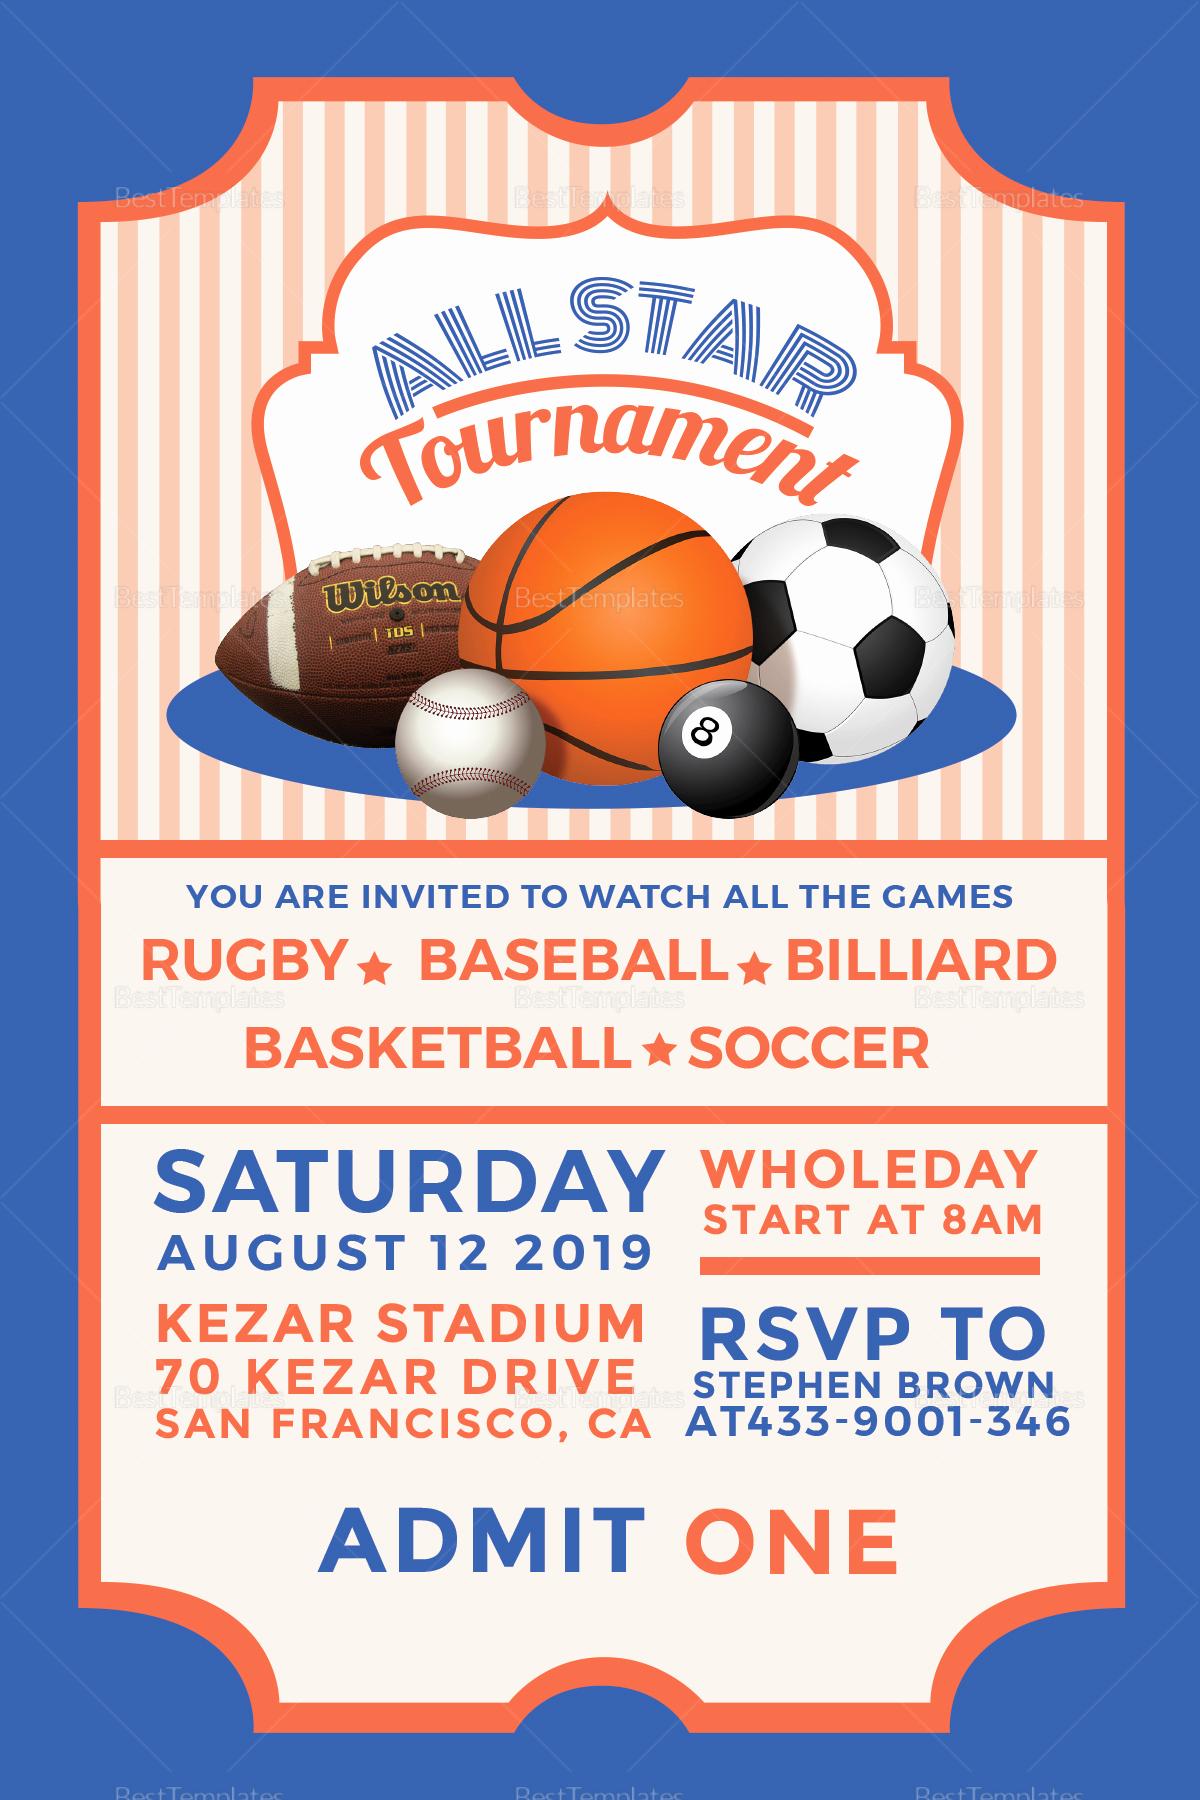 Sports Ticket Invitation Template Free Unique Sports Ticket Invitation Design Template In Psd Word